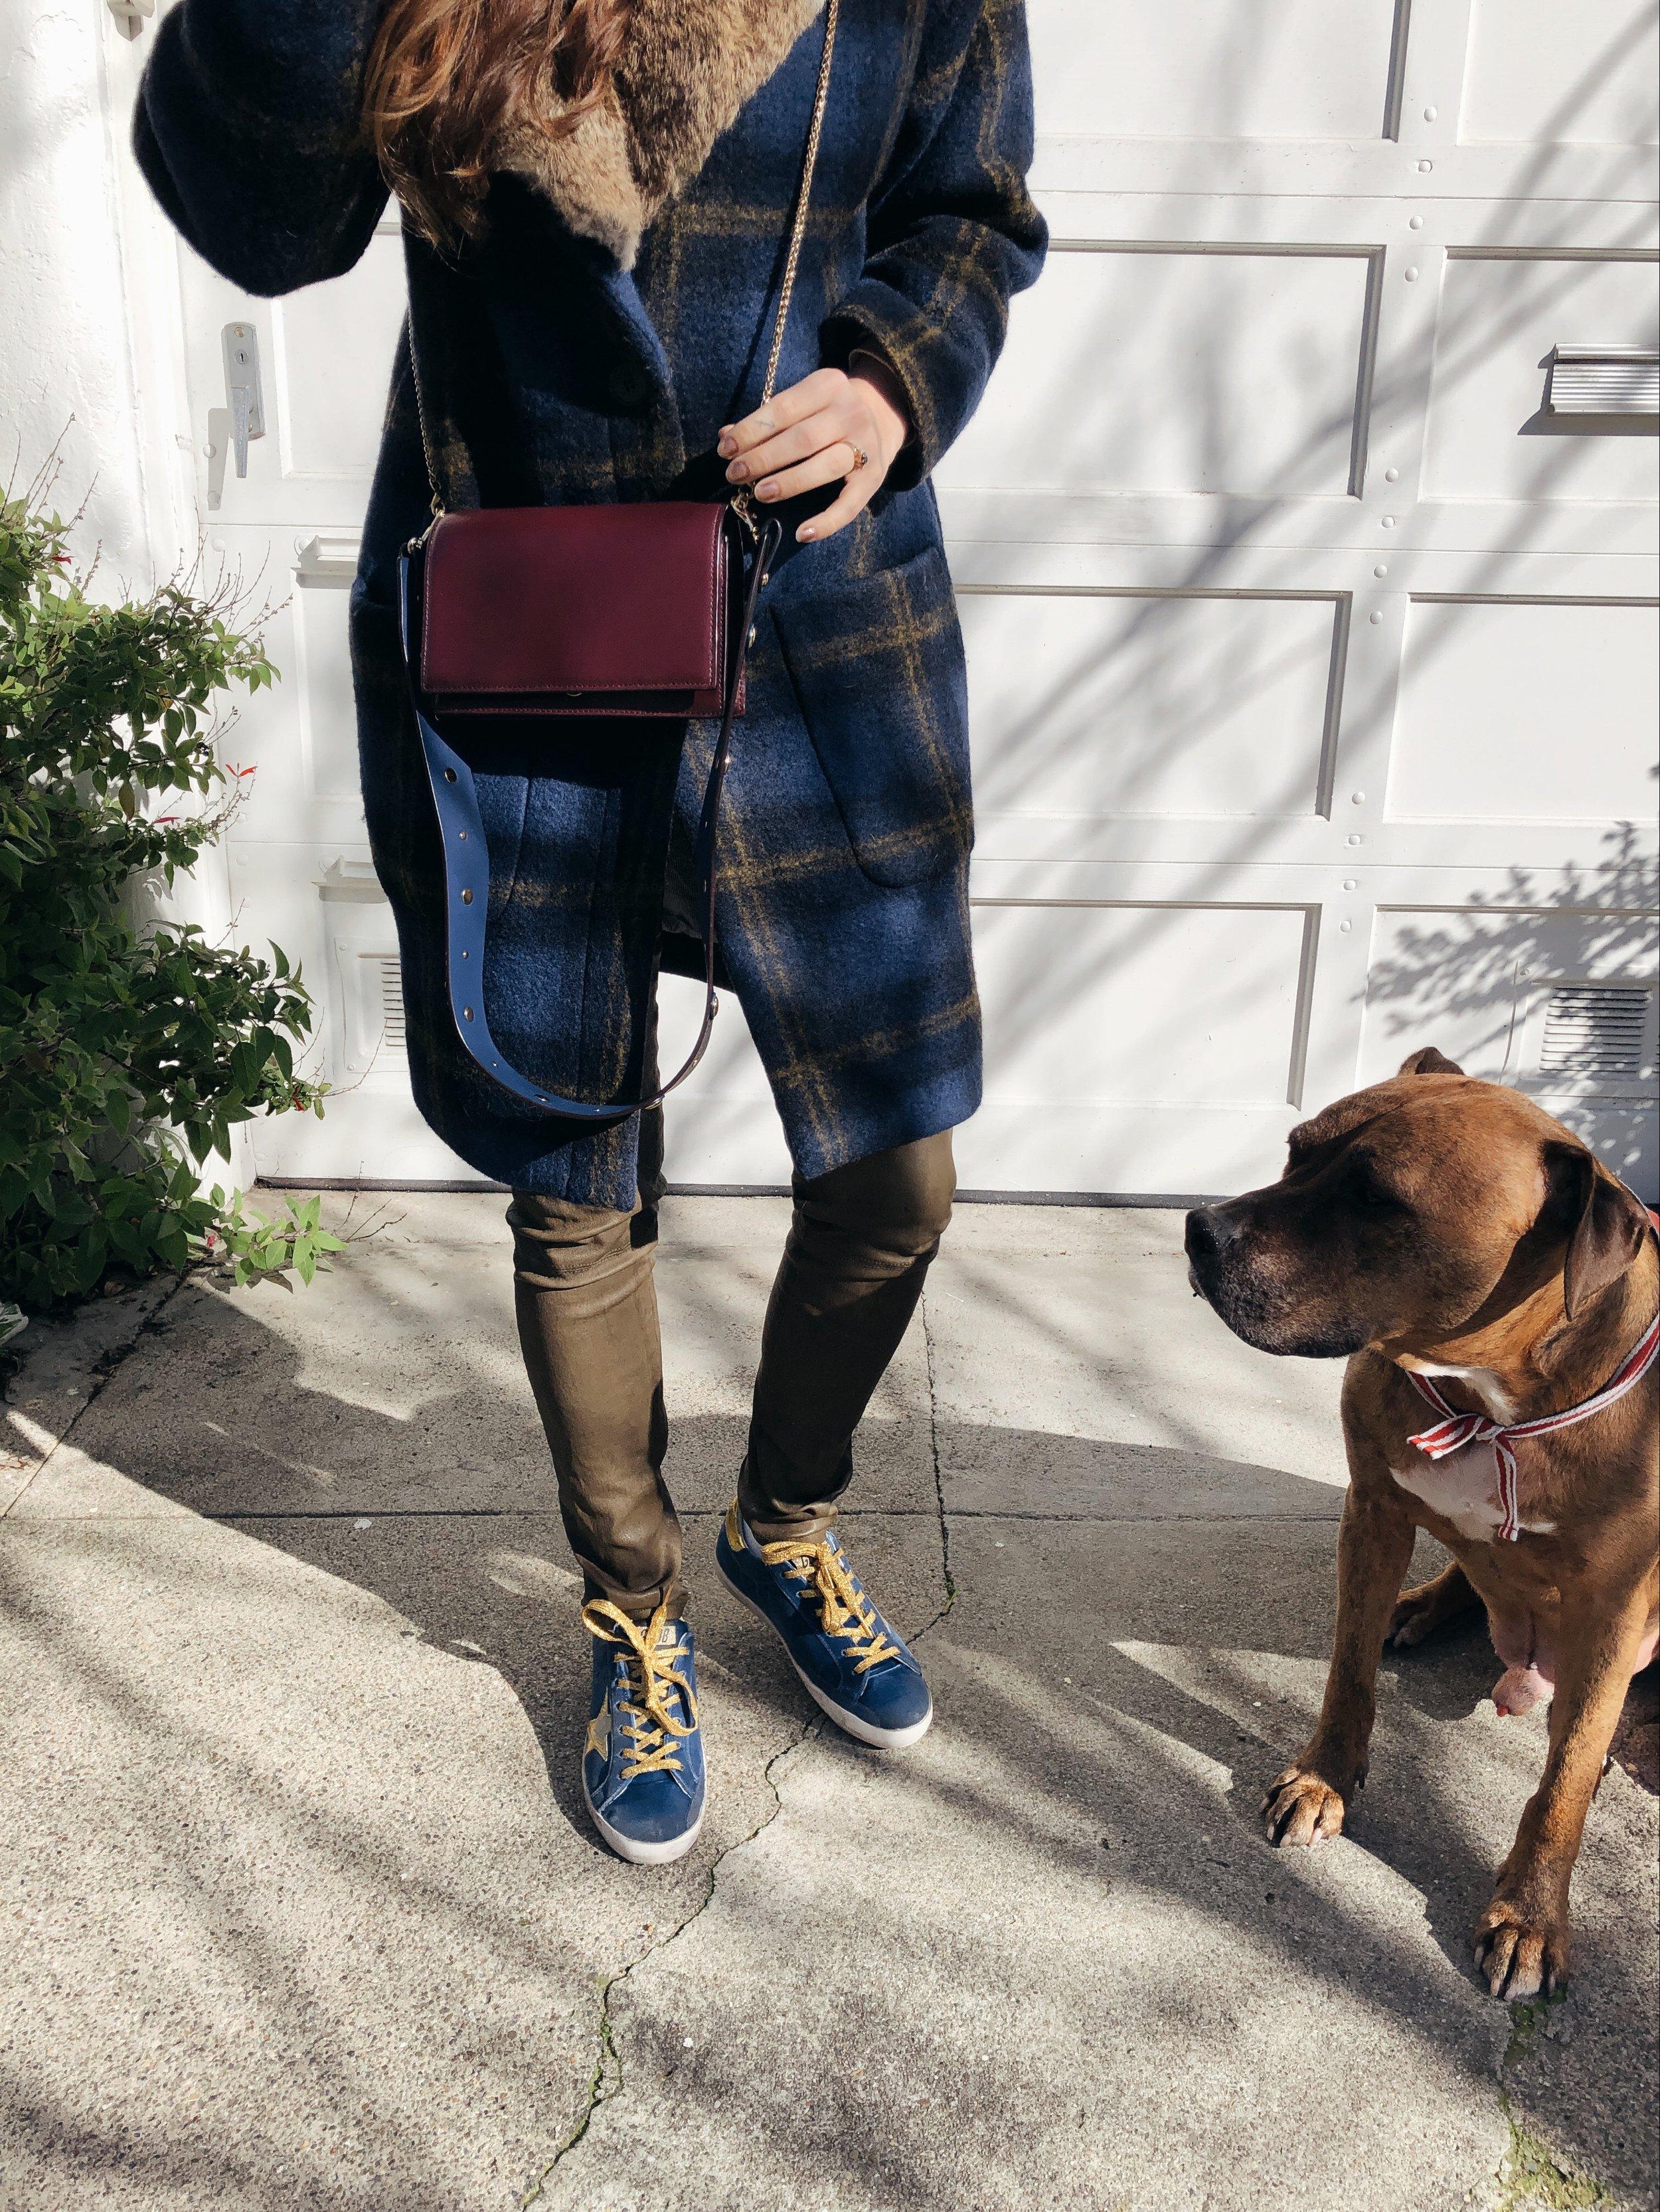 Luxe Style on a Budget via Que Sera Sahra